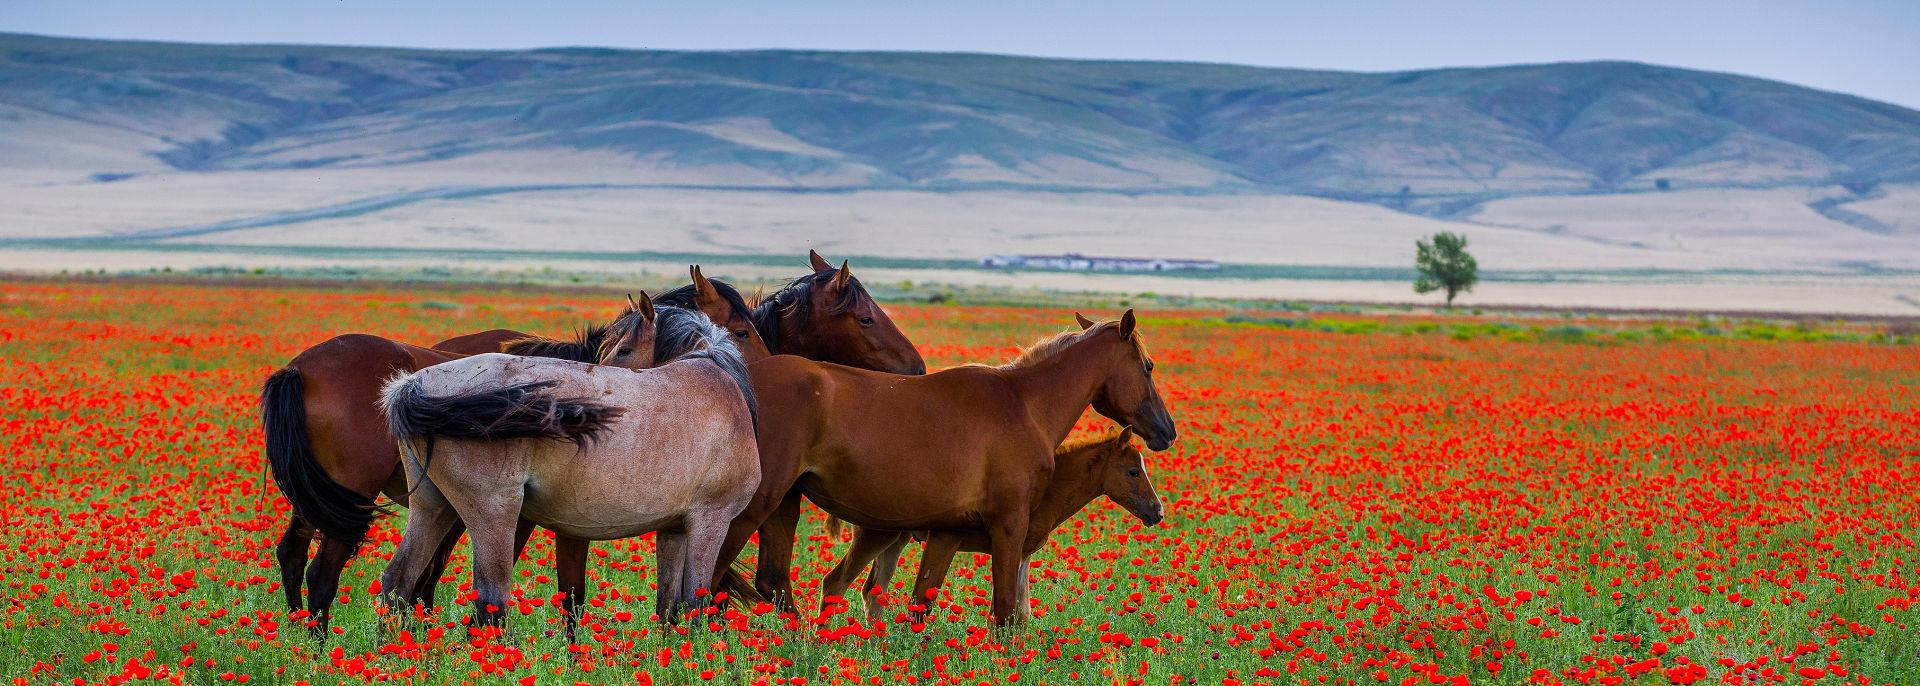 Wildpferde, Kasachstan